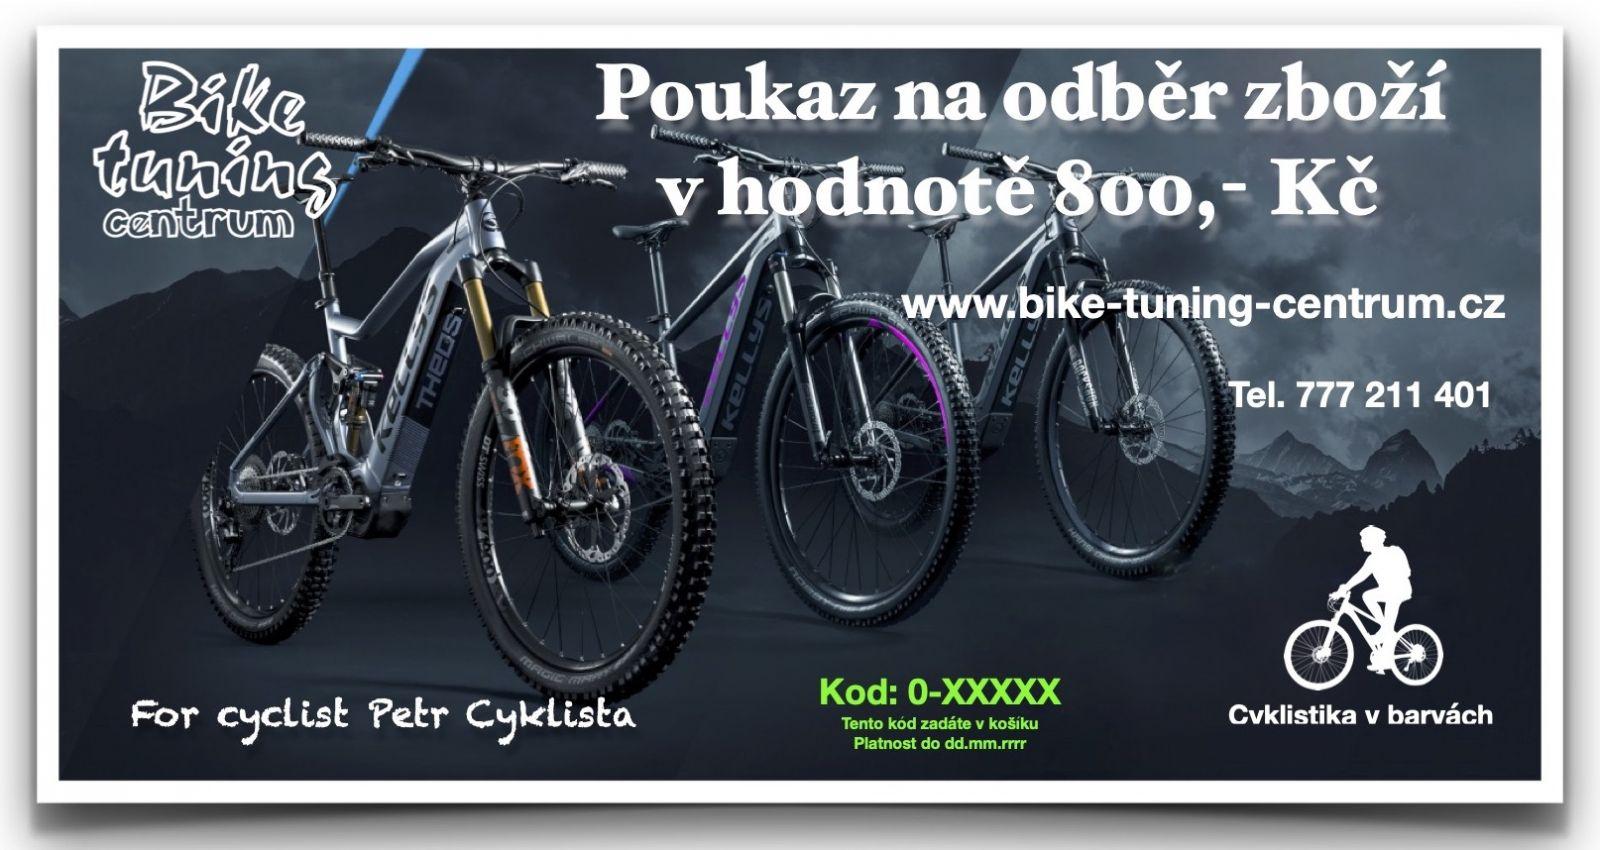 Dárkový poukaz v hodnotě 800,- Kč Bike tuning centrum